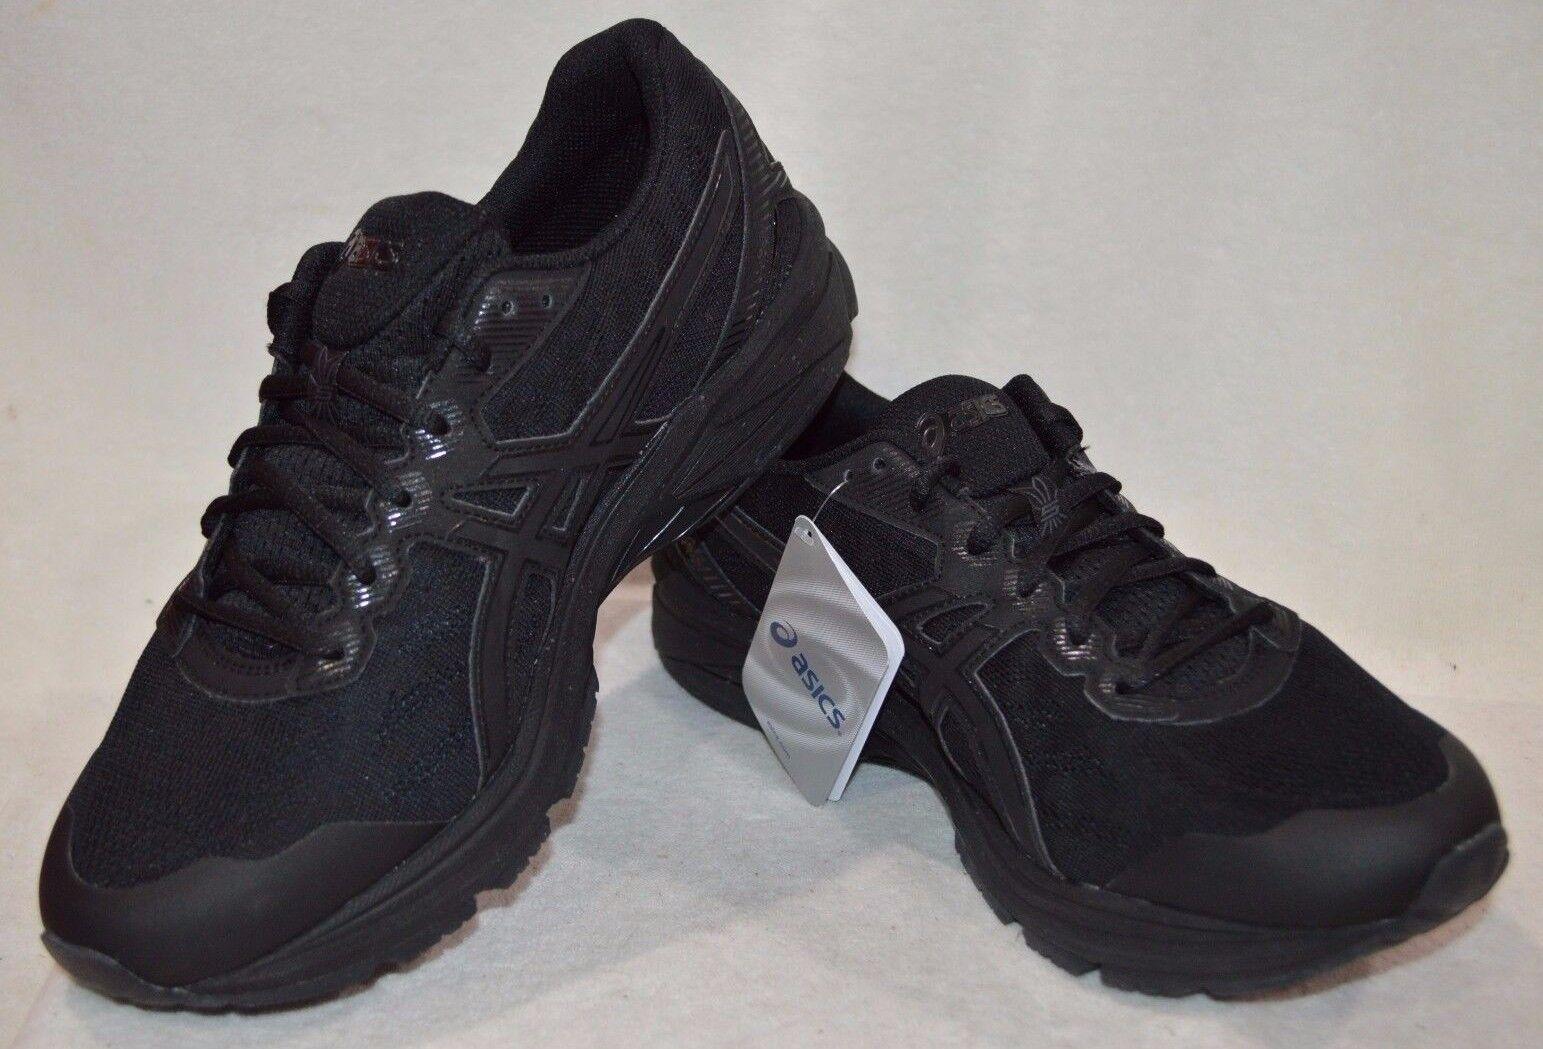 Asics GT-1000 5 Negro Onyx Para hombres Zapatos para Correr-tamaño 8.5 9.5 X-Wide 4E NWB